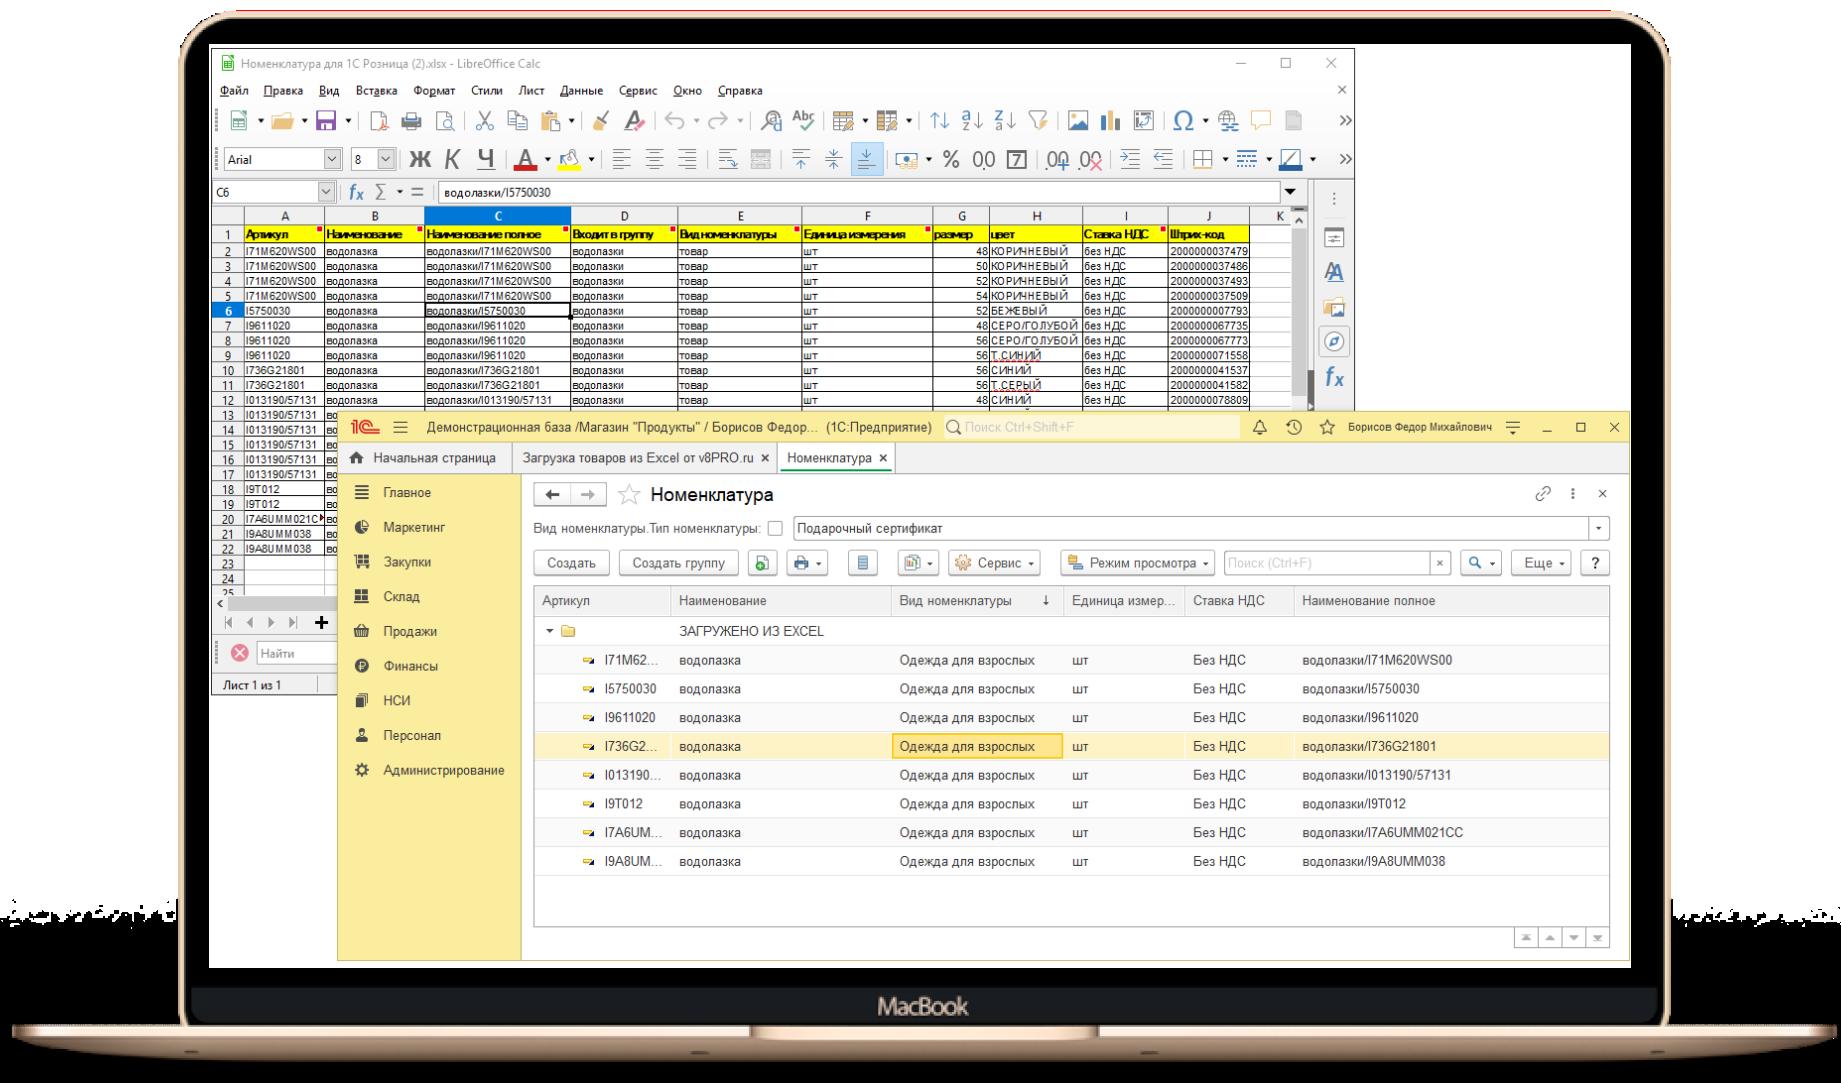 Загрузка товаров из Excel в 1С [acf_config_name=full_ver]